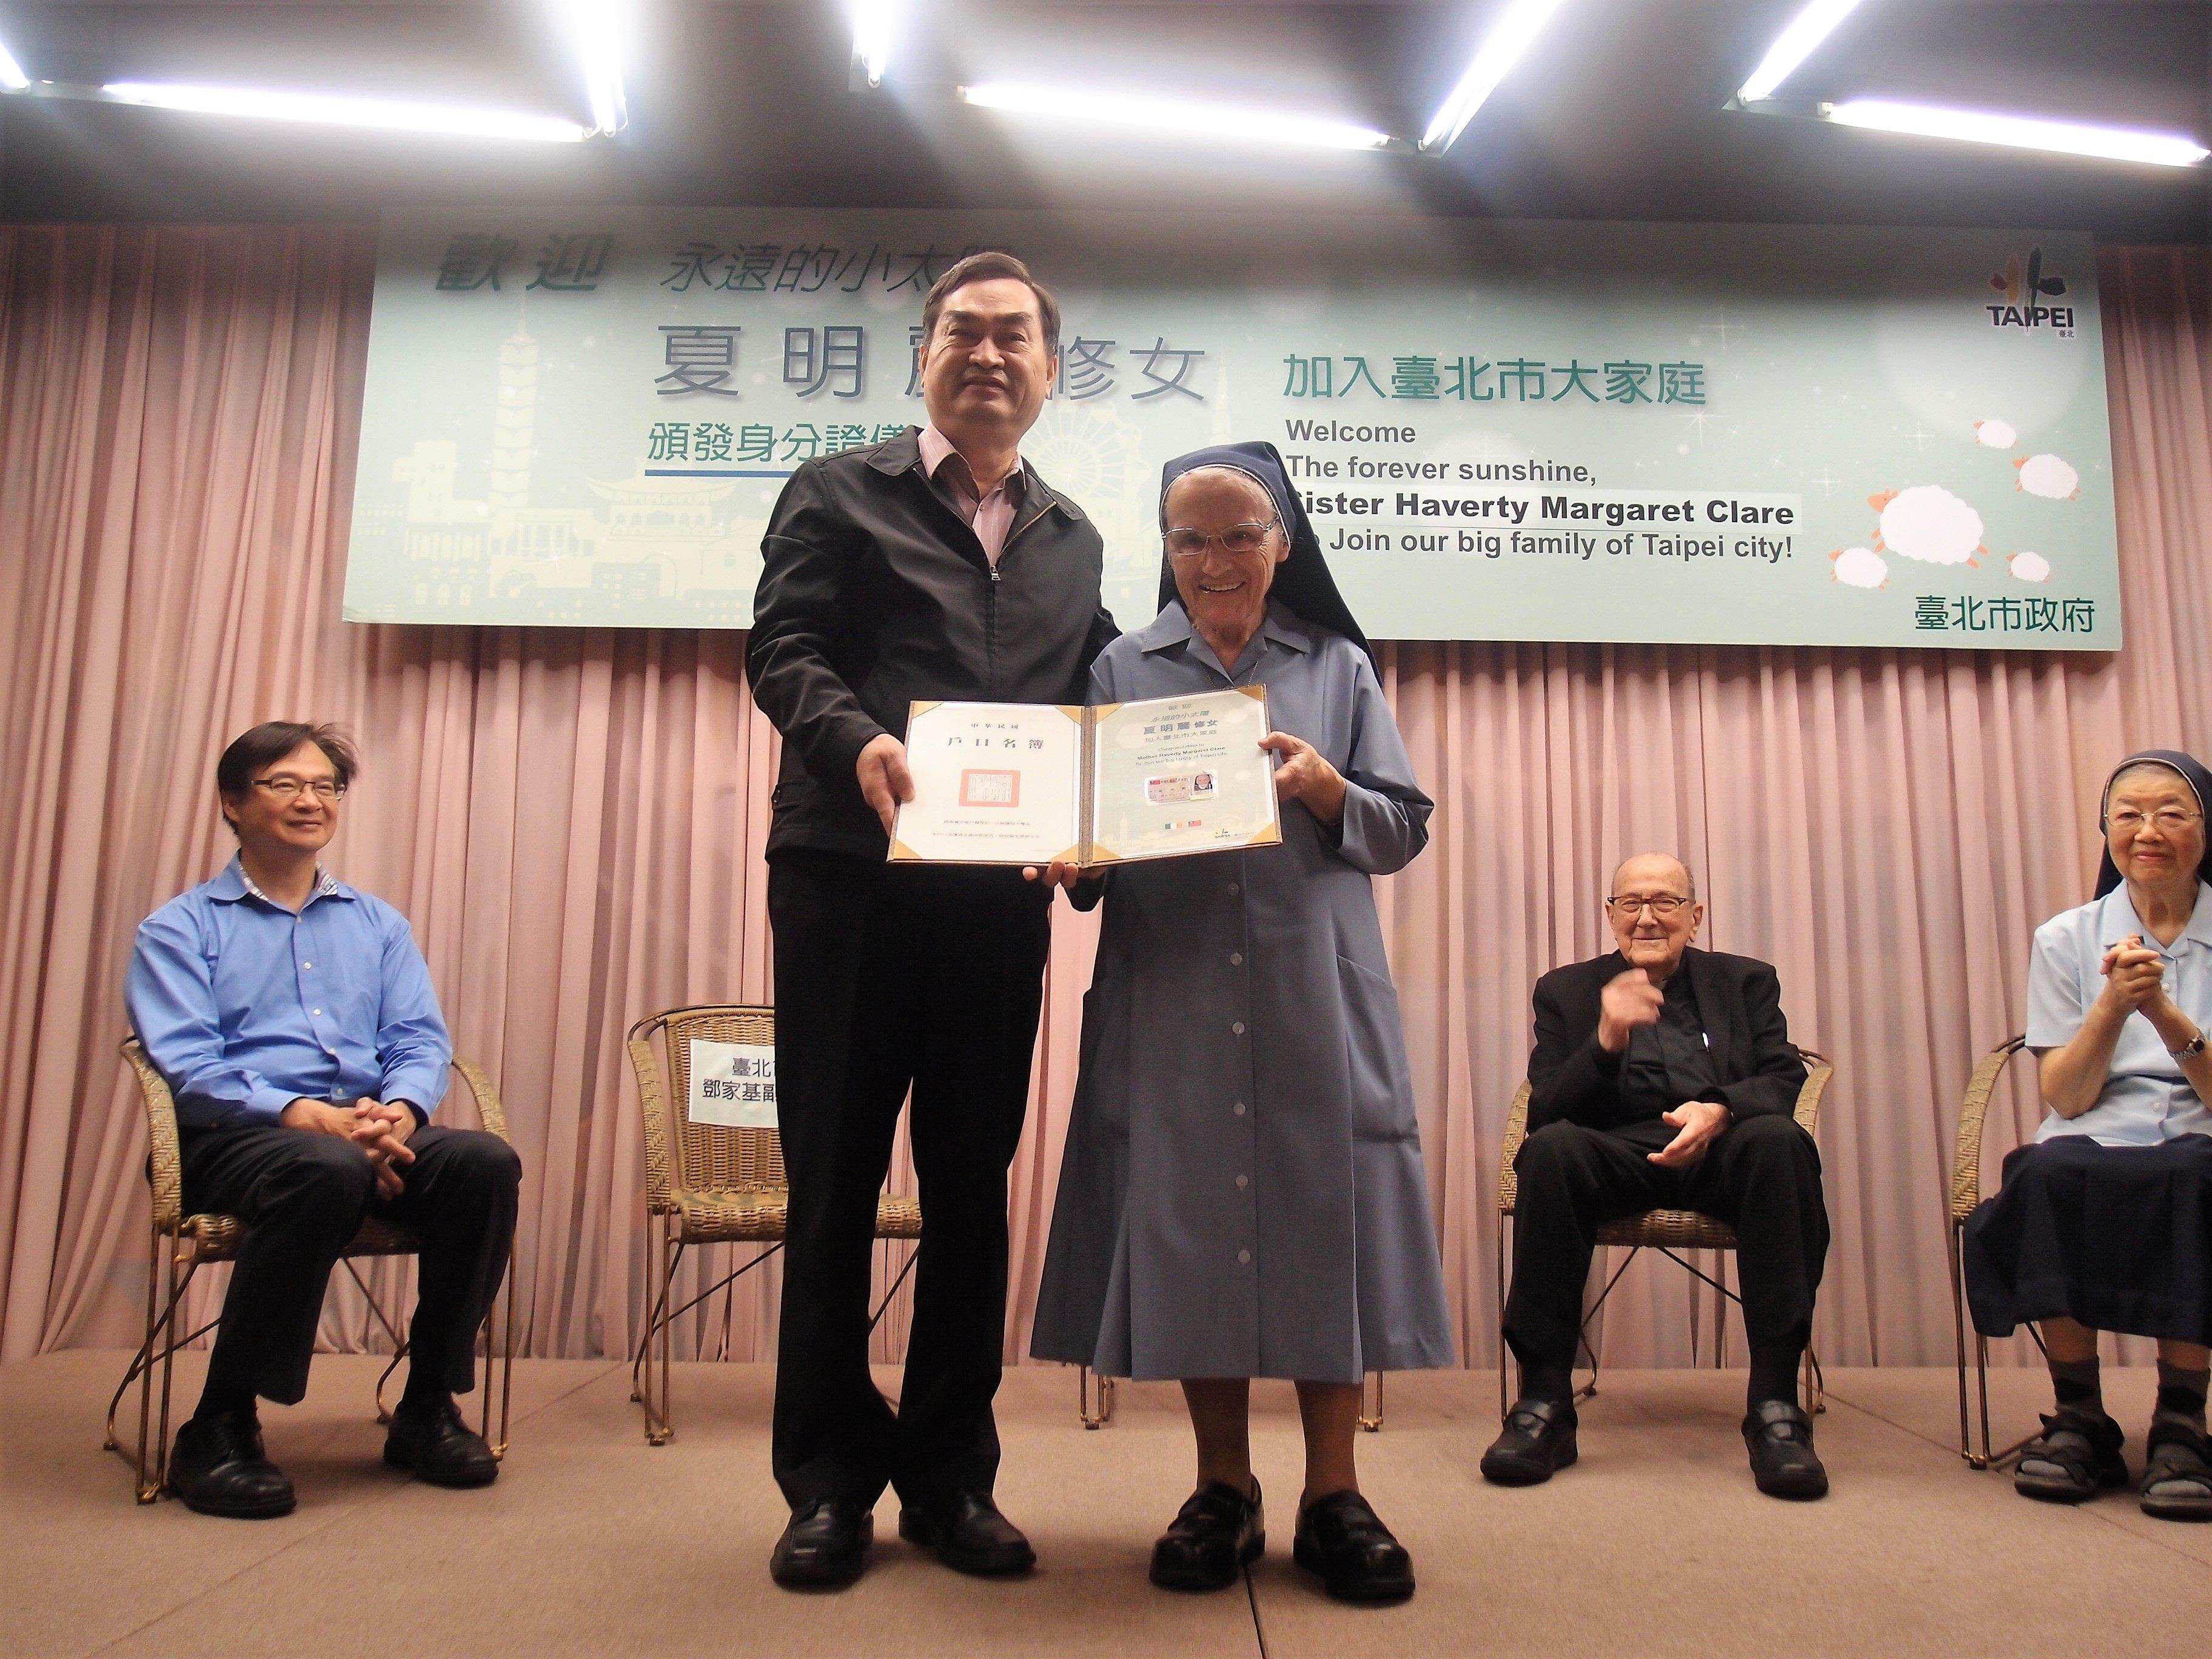 Vice Alkalde Teng ng Lunsod ng Taipei nagkaloob ng ID at Household Registration Certificate